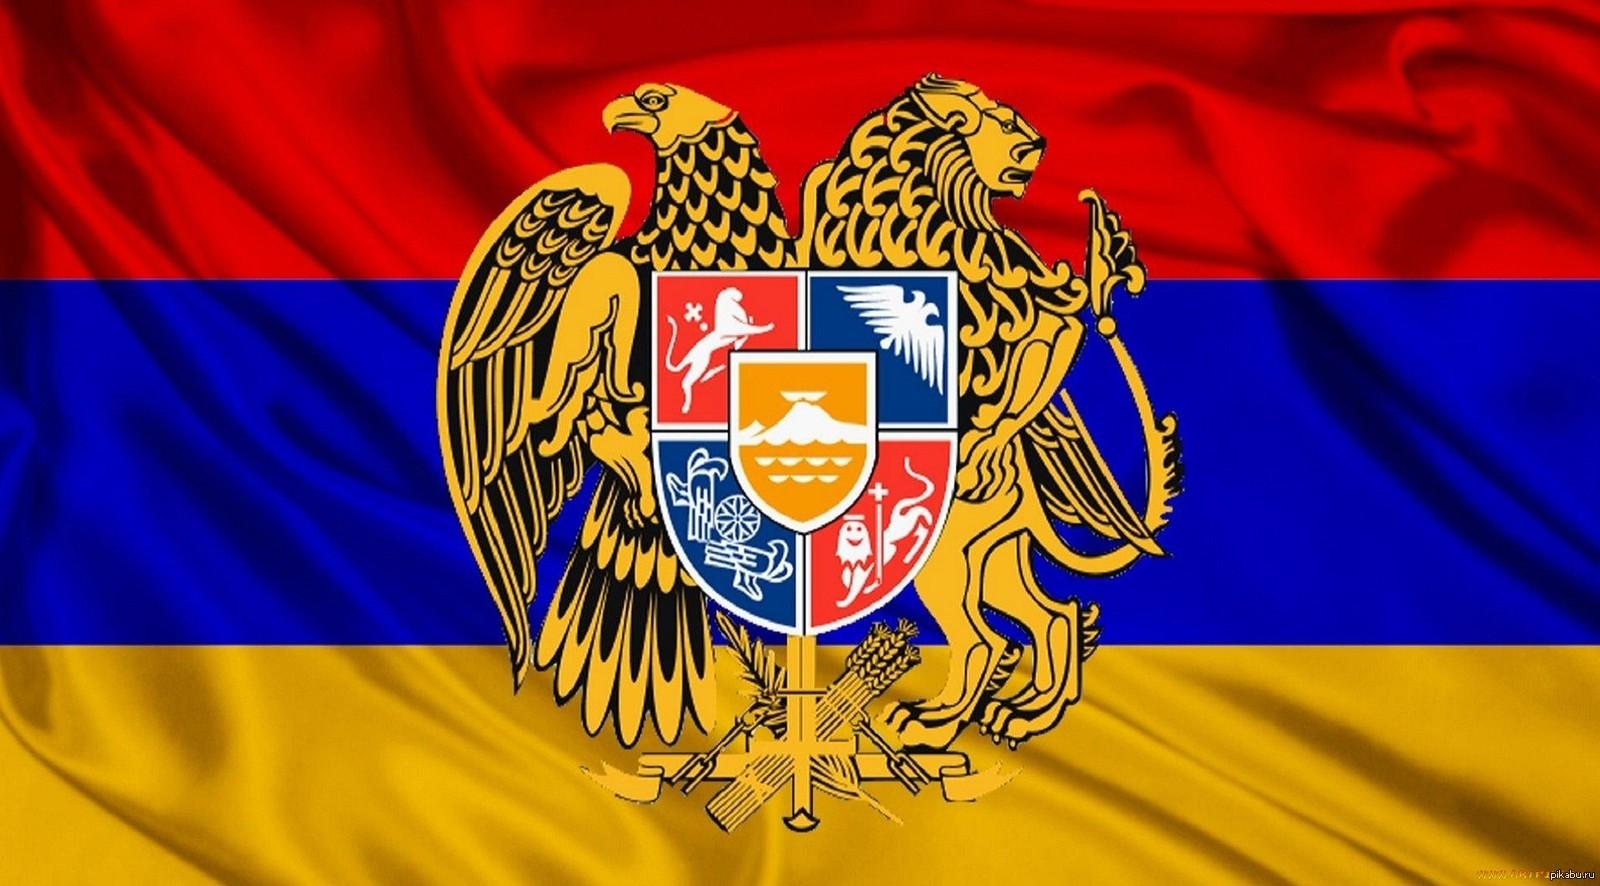 его флаги армении картинки в хорошем качестве красота девочек была